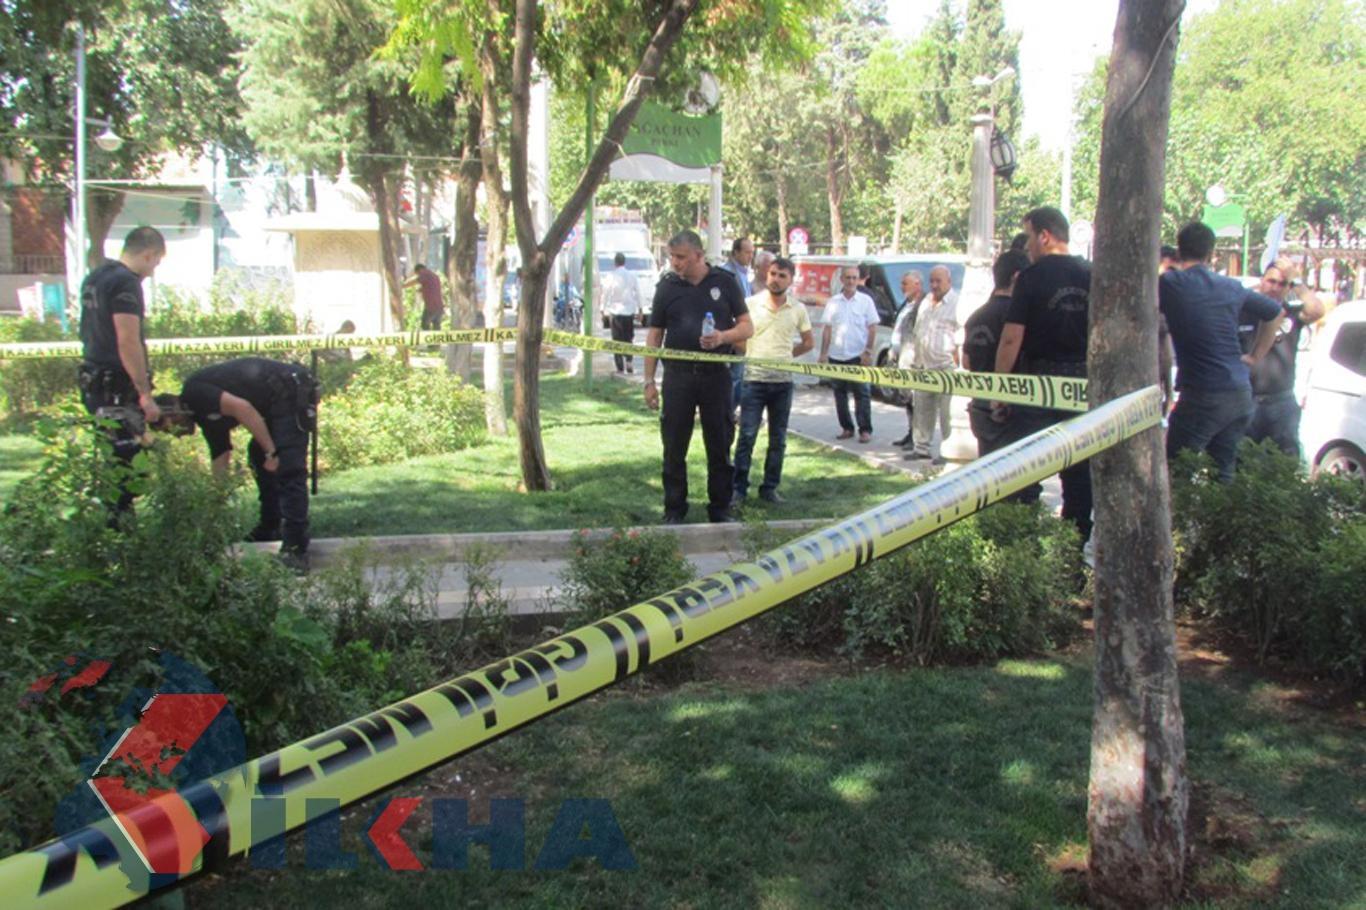 Urfa Siverekte silahlı saldırı: 1 ağır yaralı